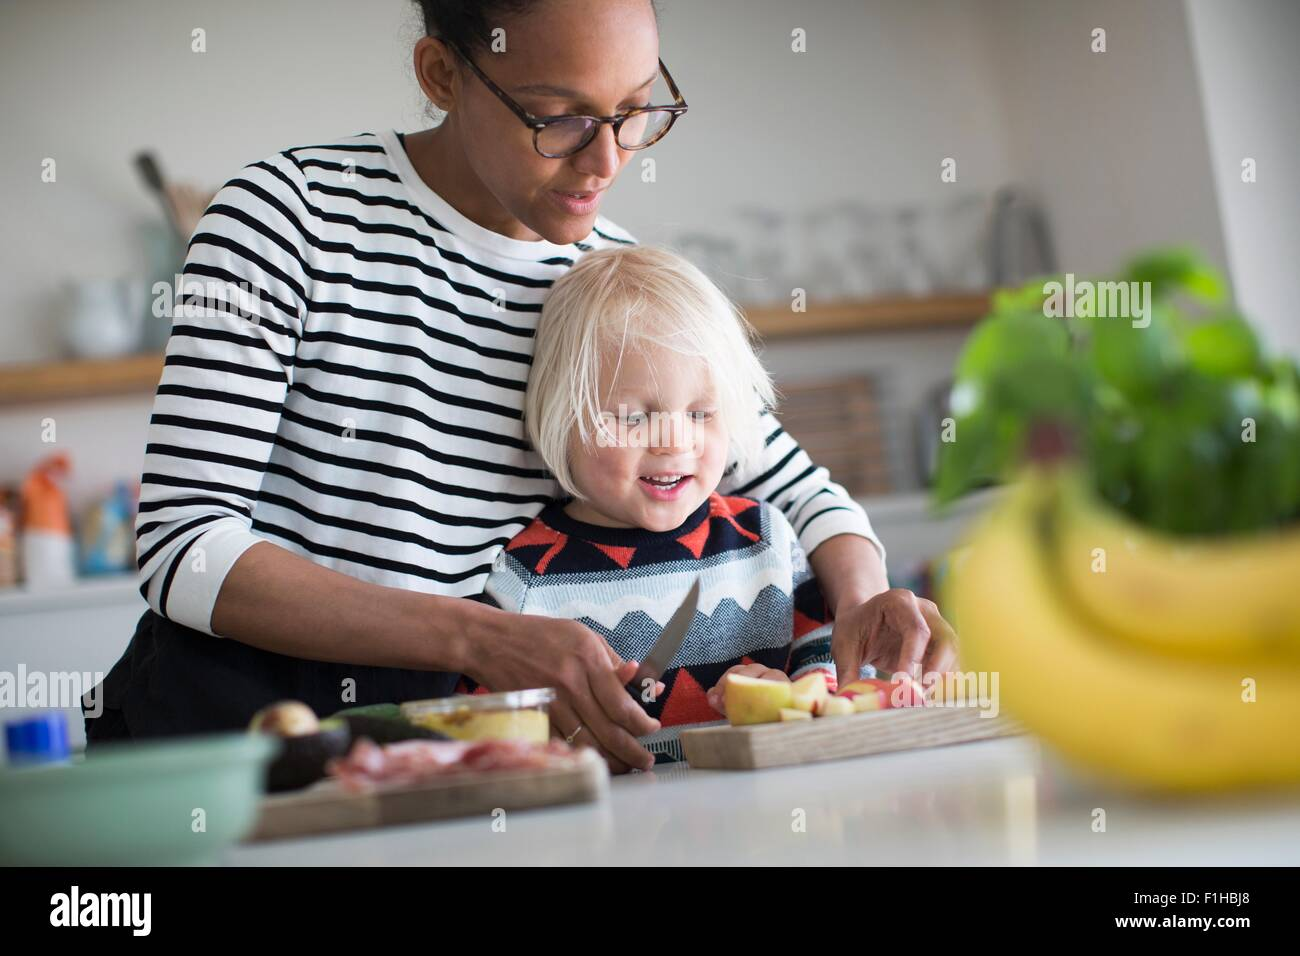 Mutter hilft Sone in Küche Speisen zubereiten Stockbild